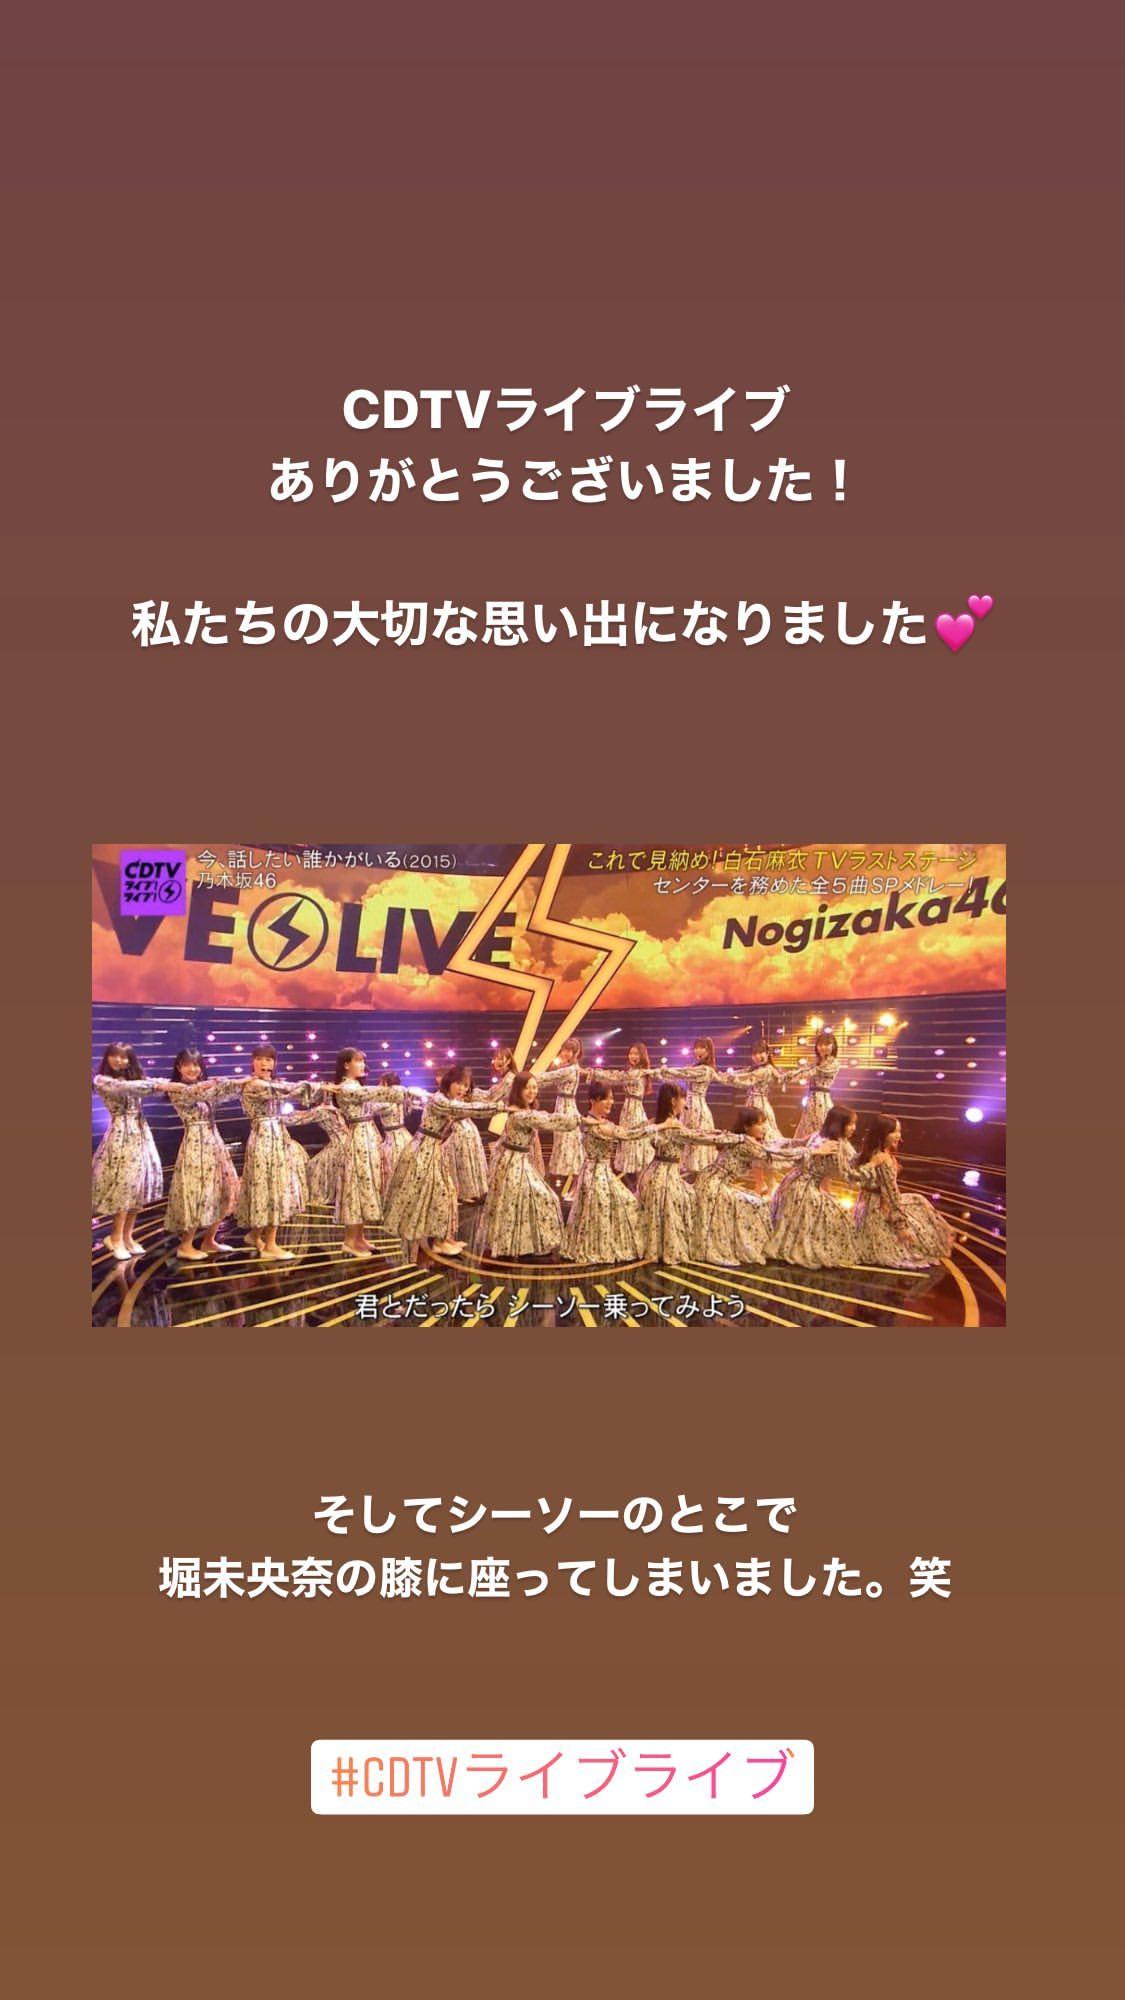 CDTVライブライブ 秋元真夏「シーソーのとこで堀未央奈の膝に座ってしまいました。笑」